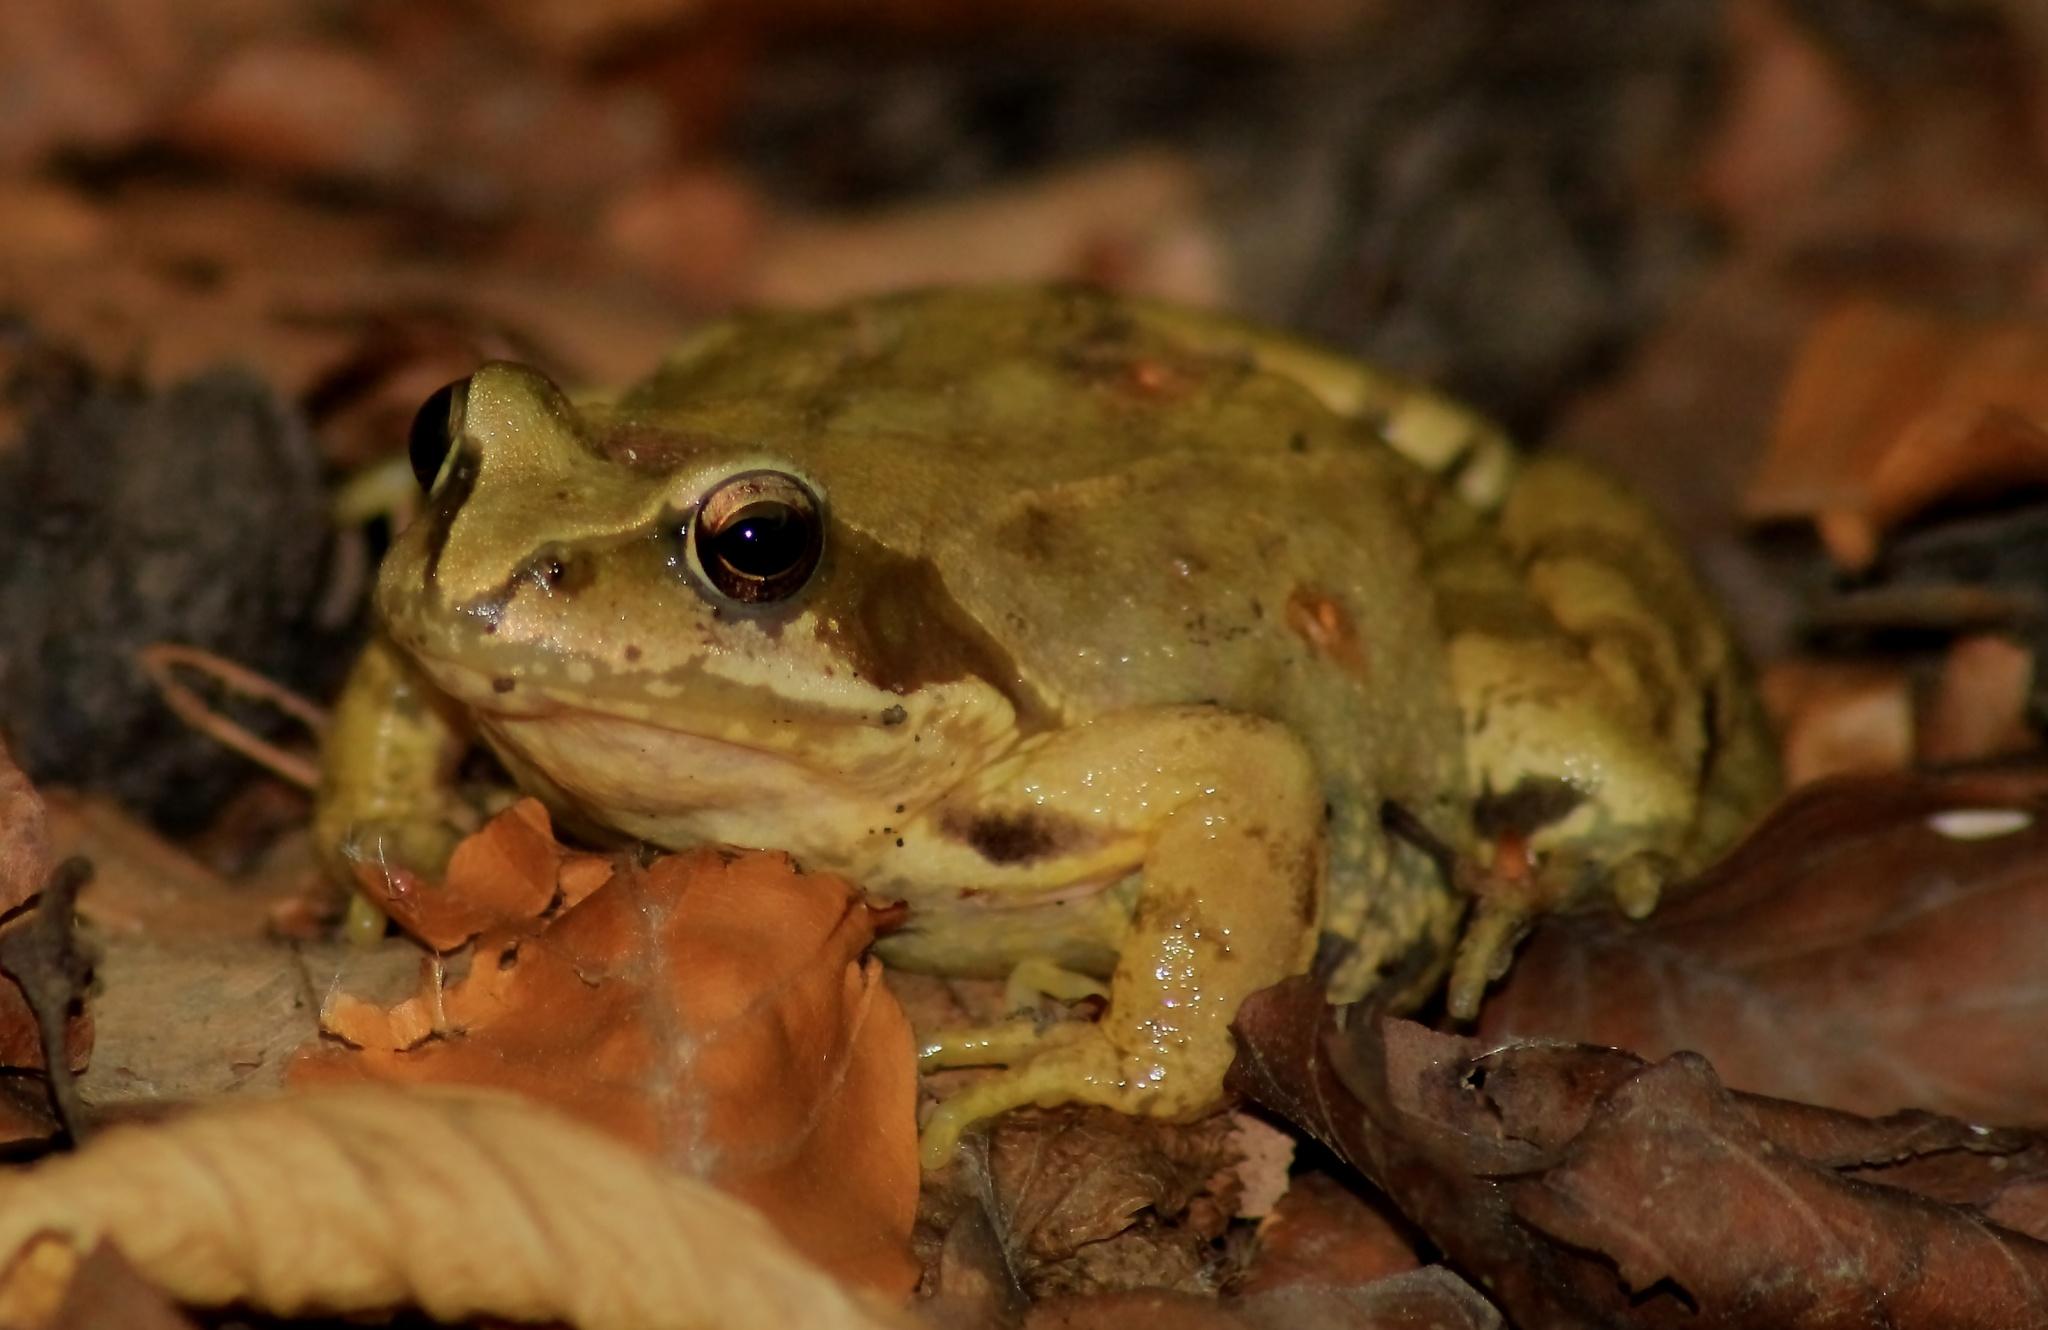 Frog by RAFAŁ BABIARZ